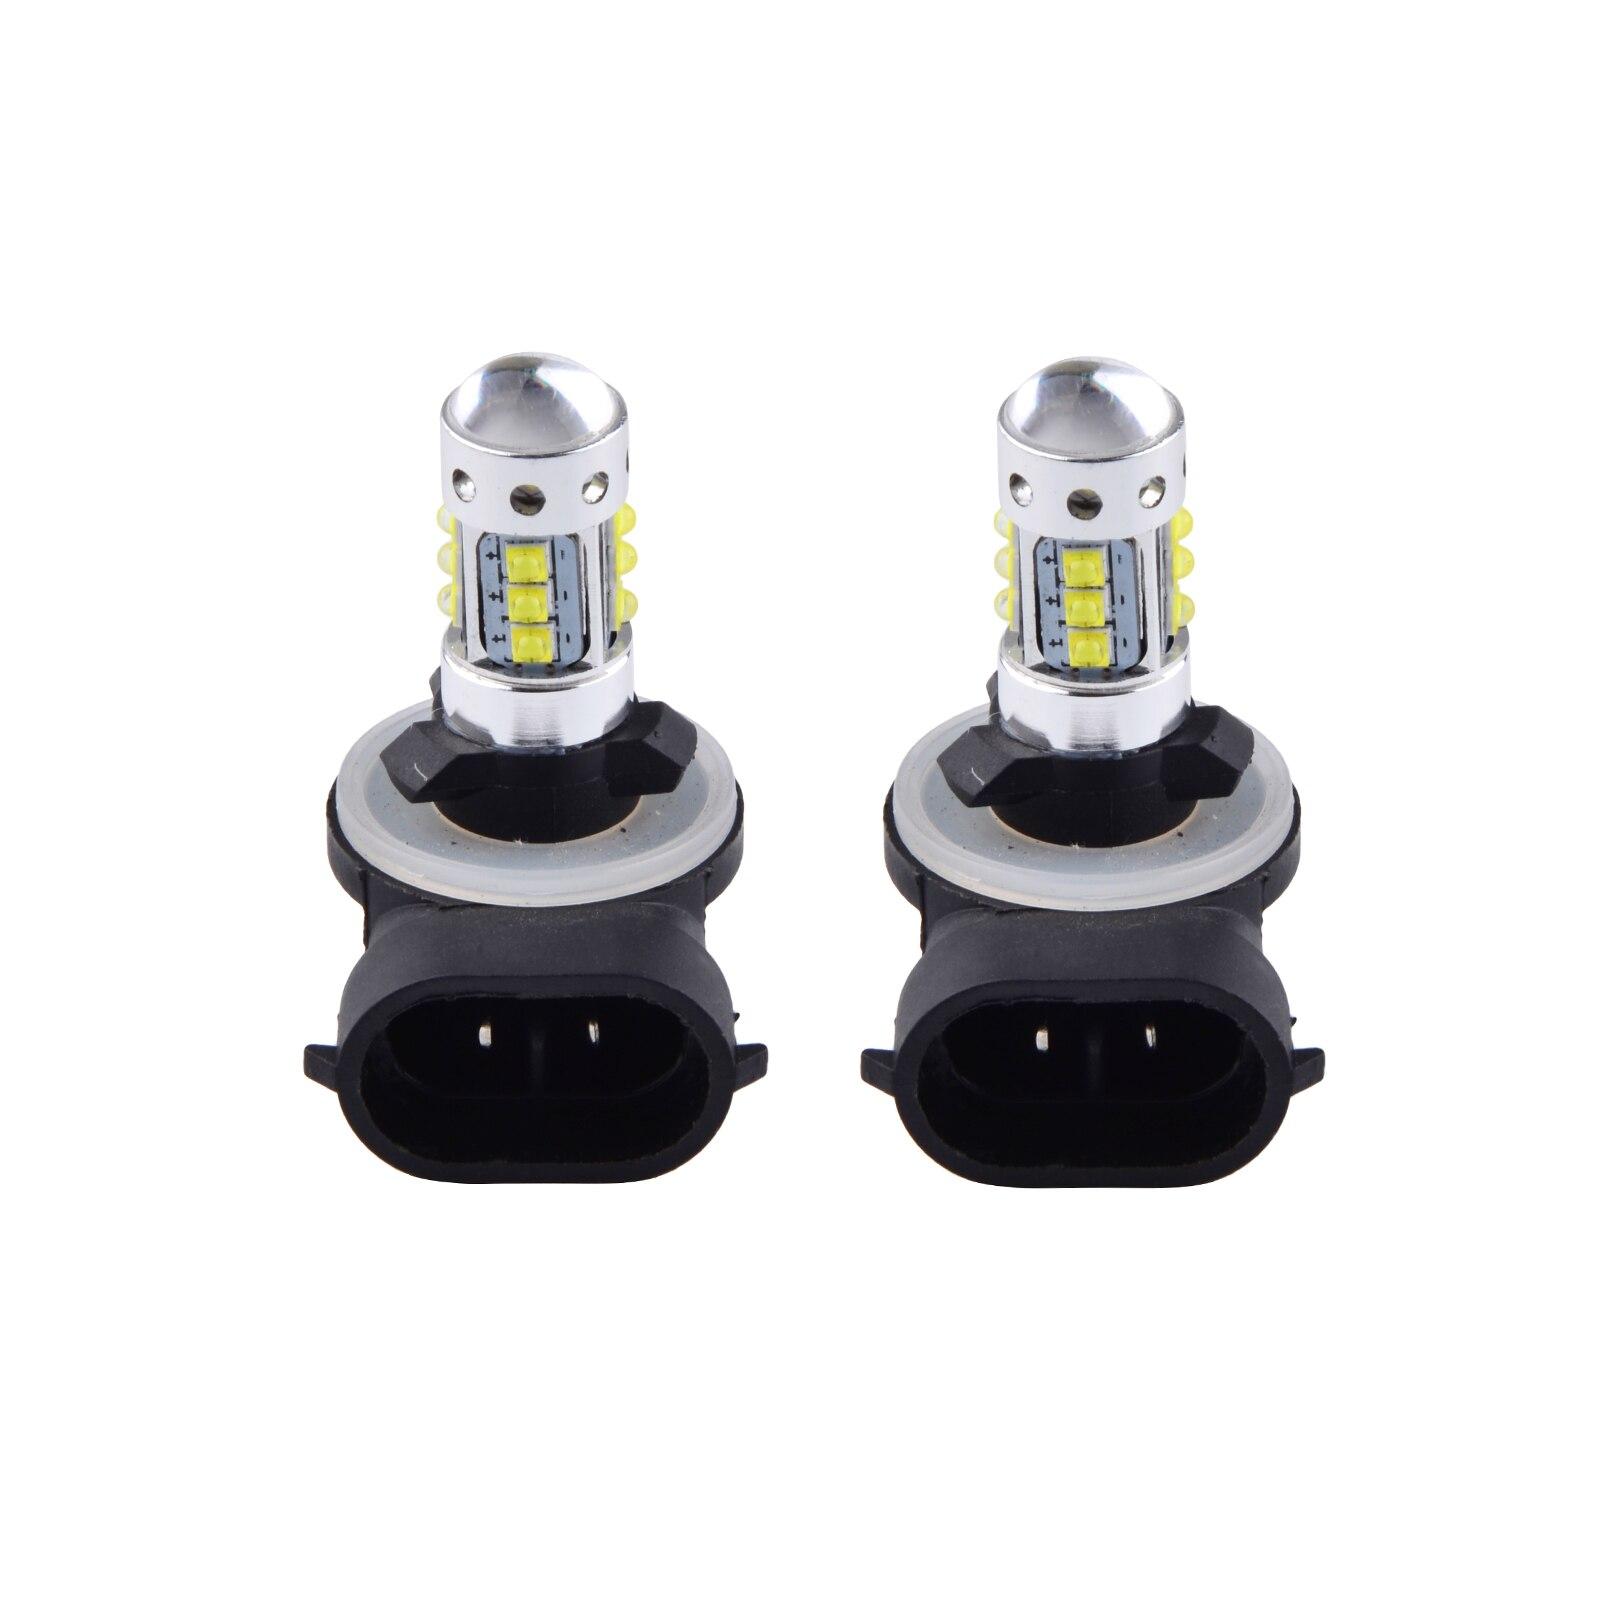 2PCS For Polaris Ranger RZR LED Headlight Bulbs Lamps 50W Bulbs 2009 2010 Pair